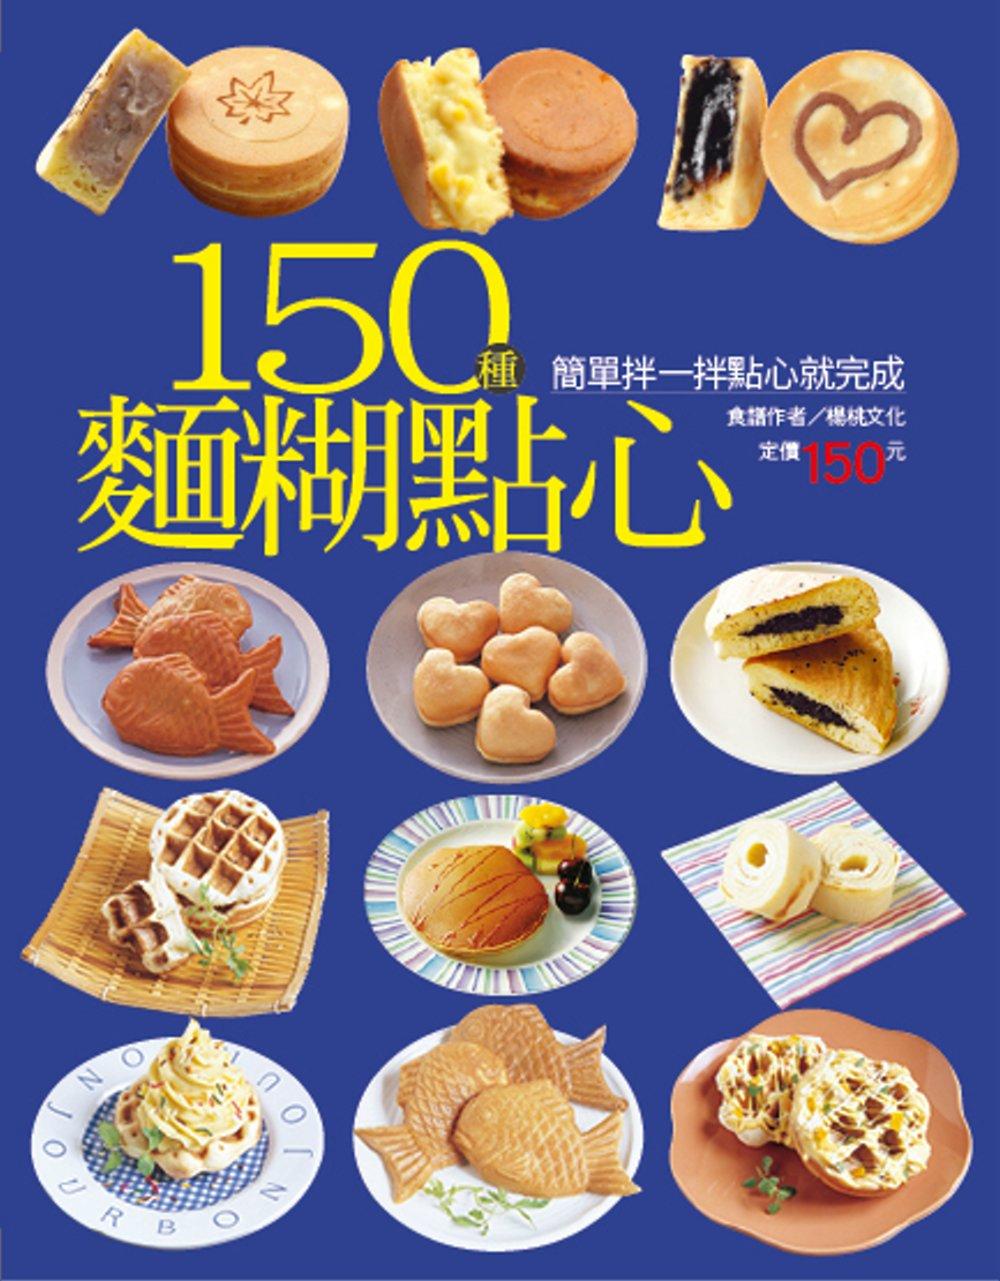 150 種麵糊點心